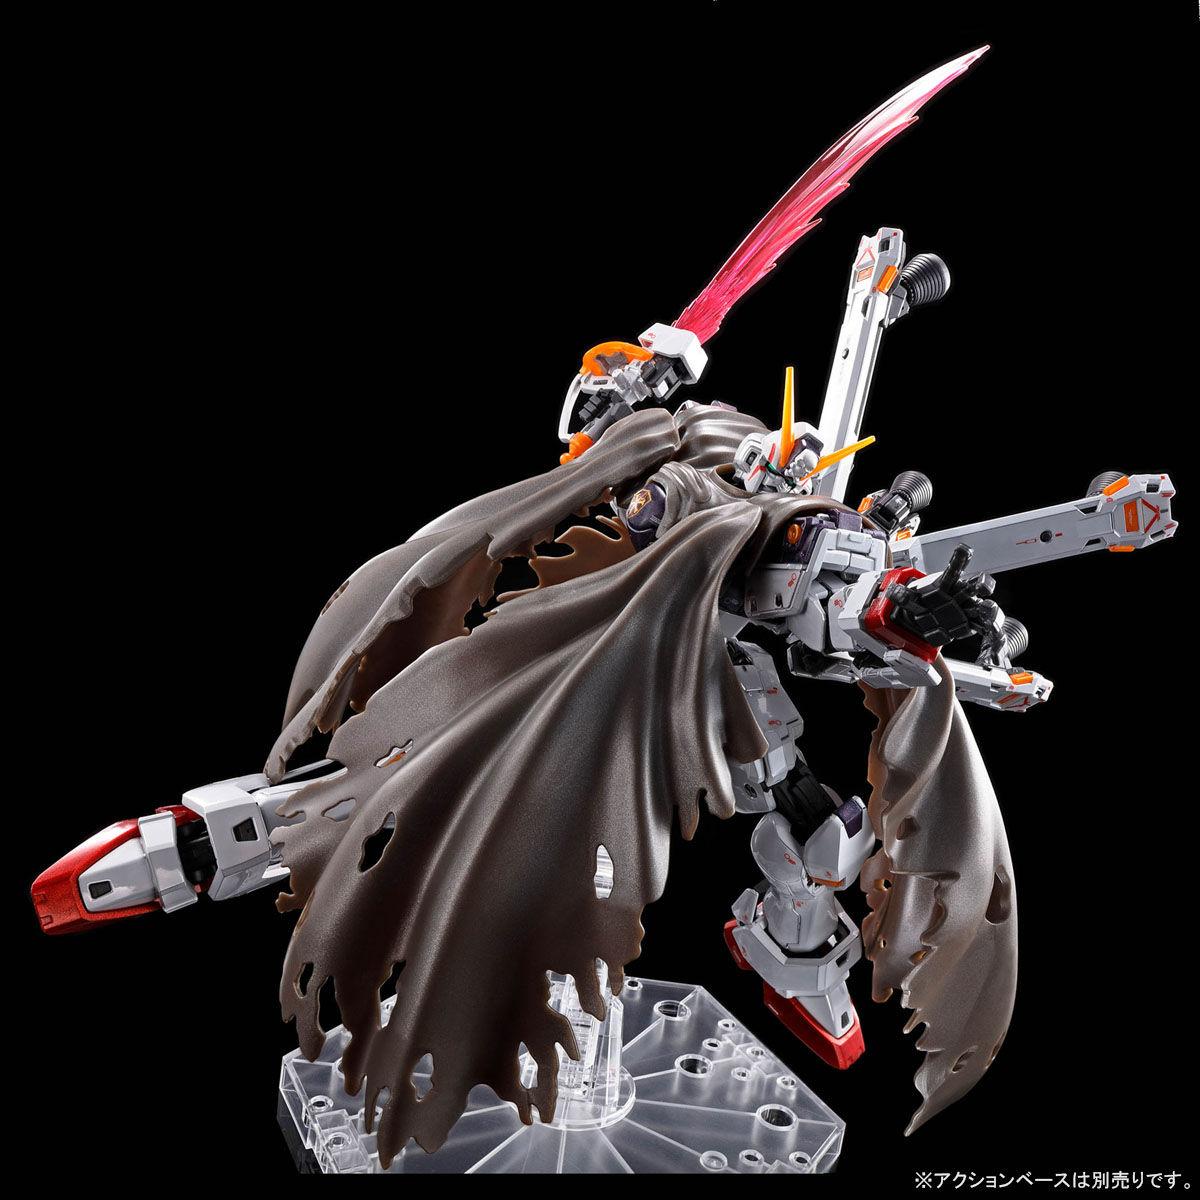 【限定販売】RG 1/144『クロスボーン・ガンダムX1[チタニウムフィニッシュ]』プラモデル-006